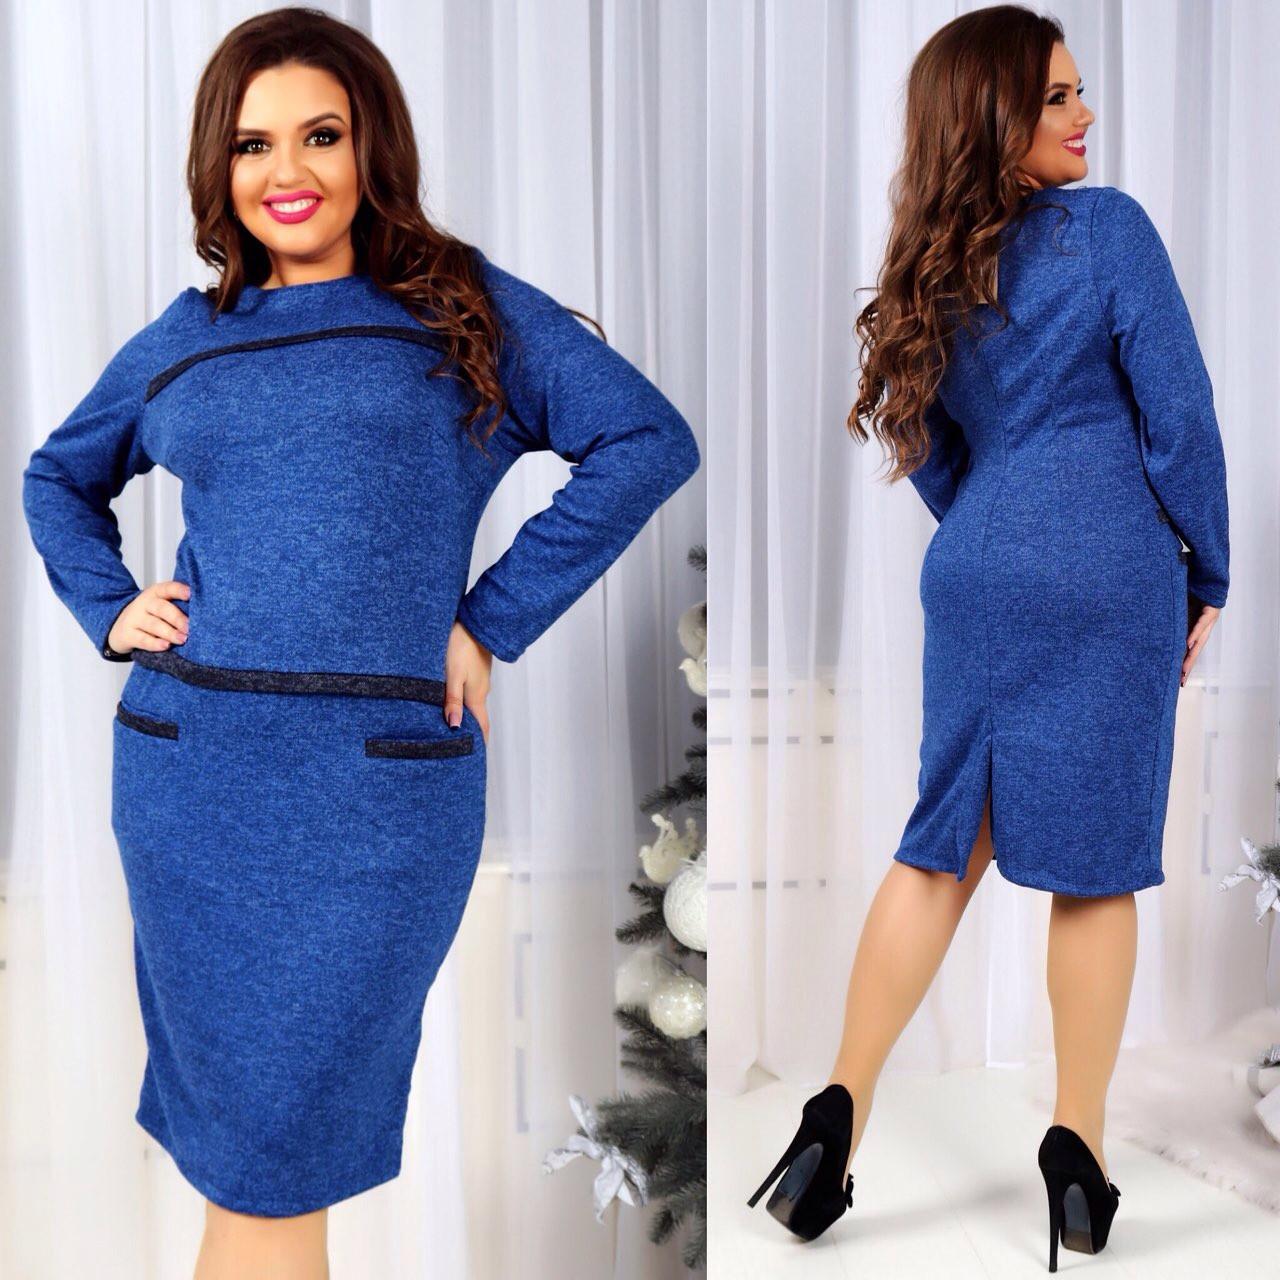 ac68a915560 Платье женское Большие размеры купить оптом со склада  продажа